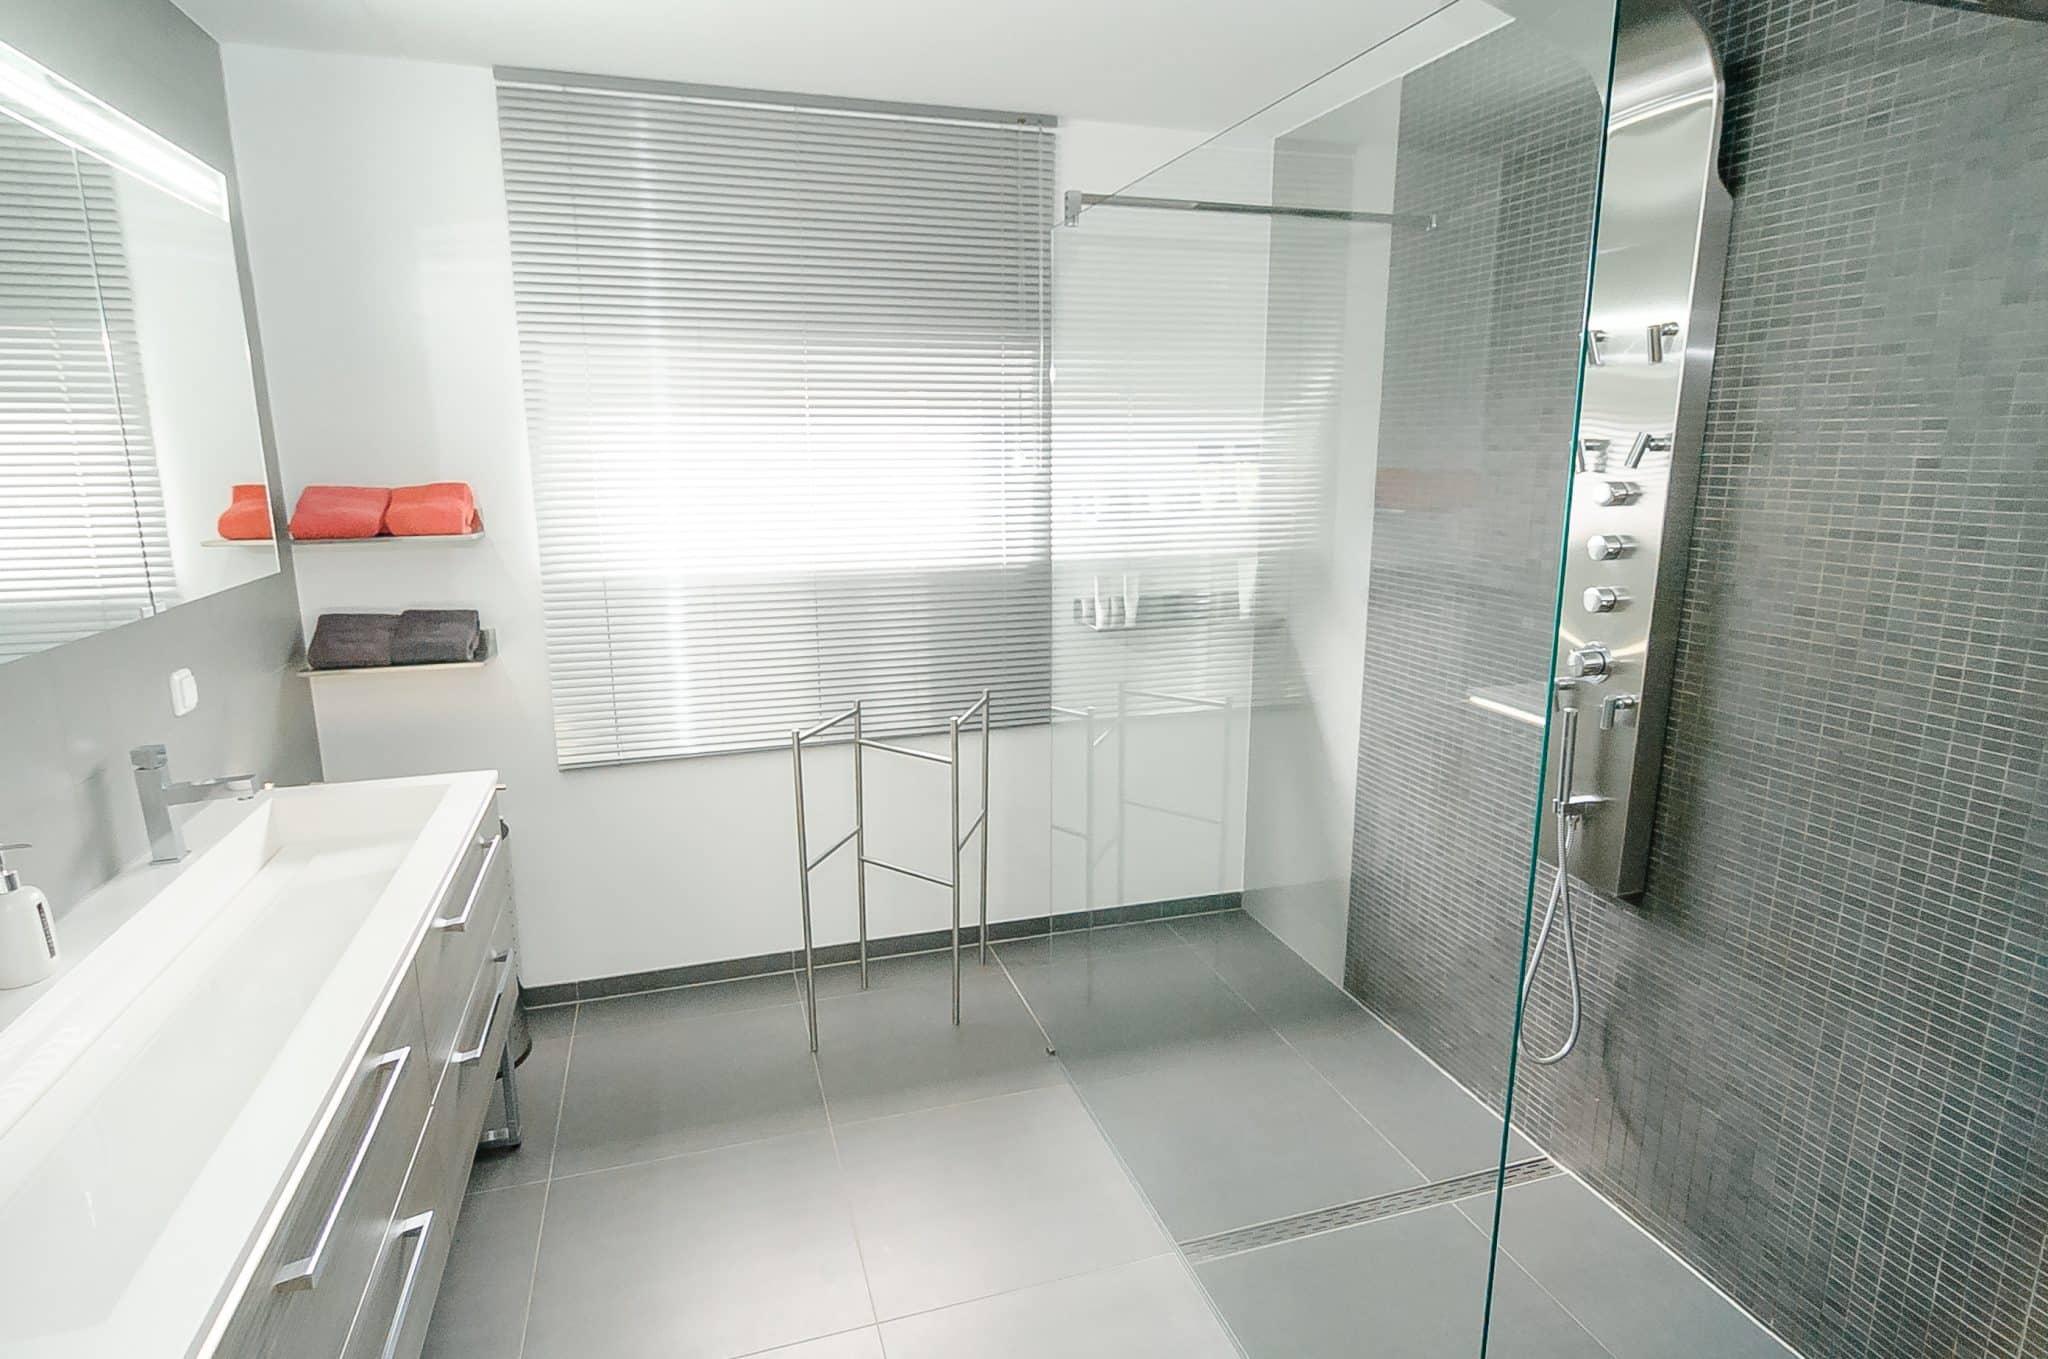 Woningfotograaf limburg - Voorbeeld badkamer italiaanse douche ...